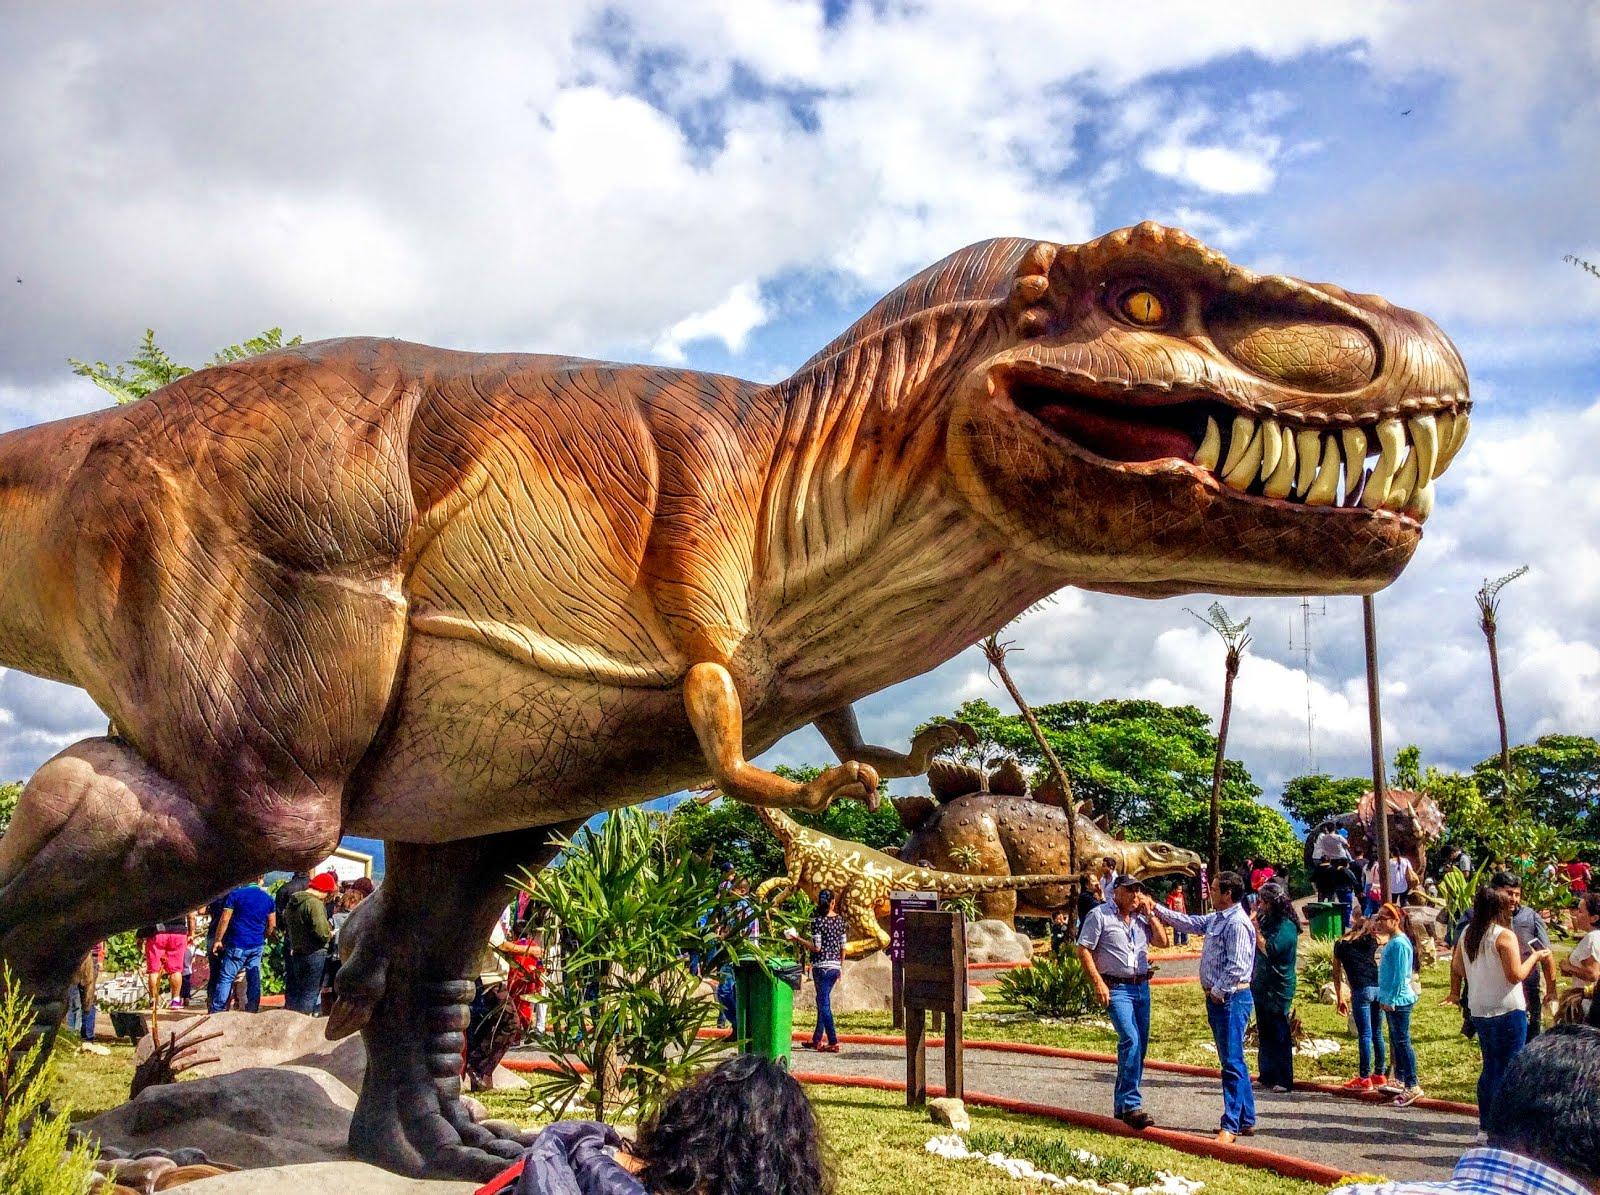 Visita con tu familia el nuevo Expo Parque Escamela en Orizaba